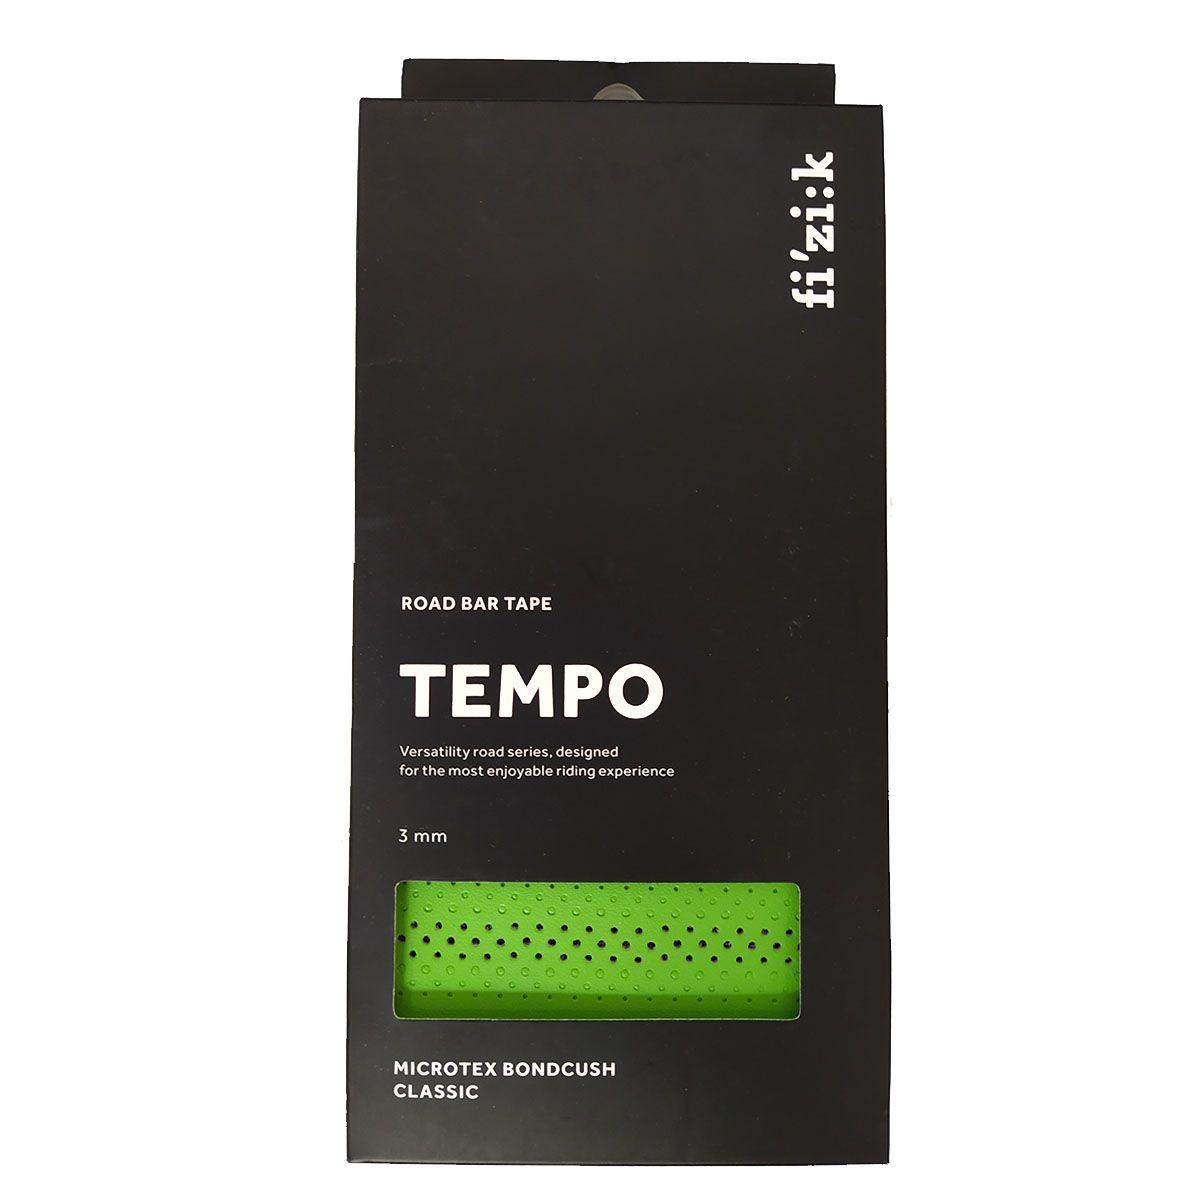 FITA DE GUIDAO FIZIK TEMPO BONDCUSH CLASSIC MACIA VERDE 3MM SPEED